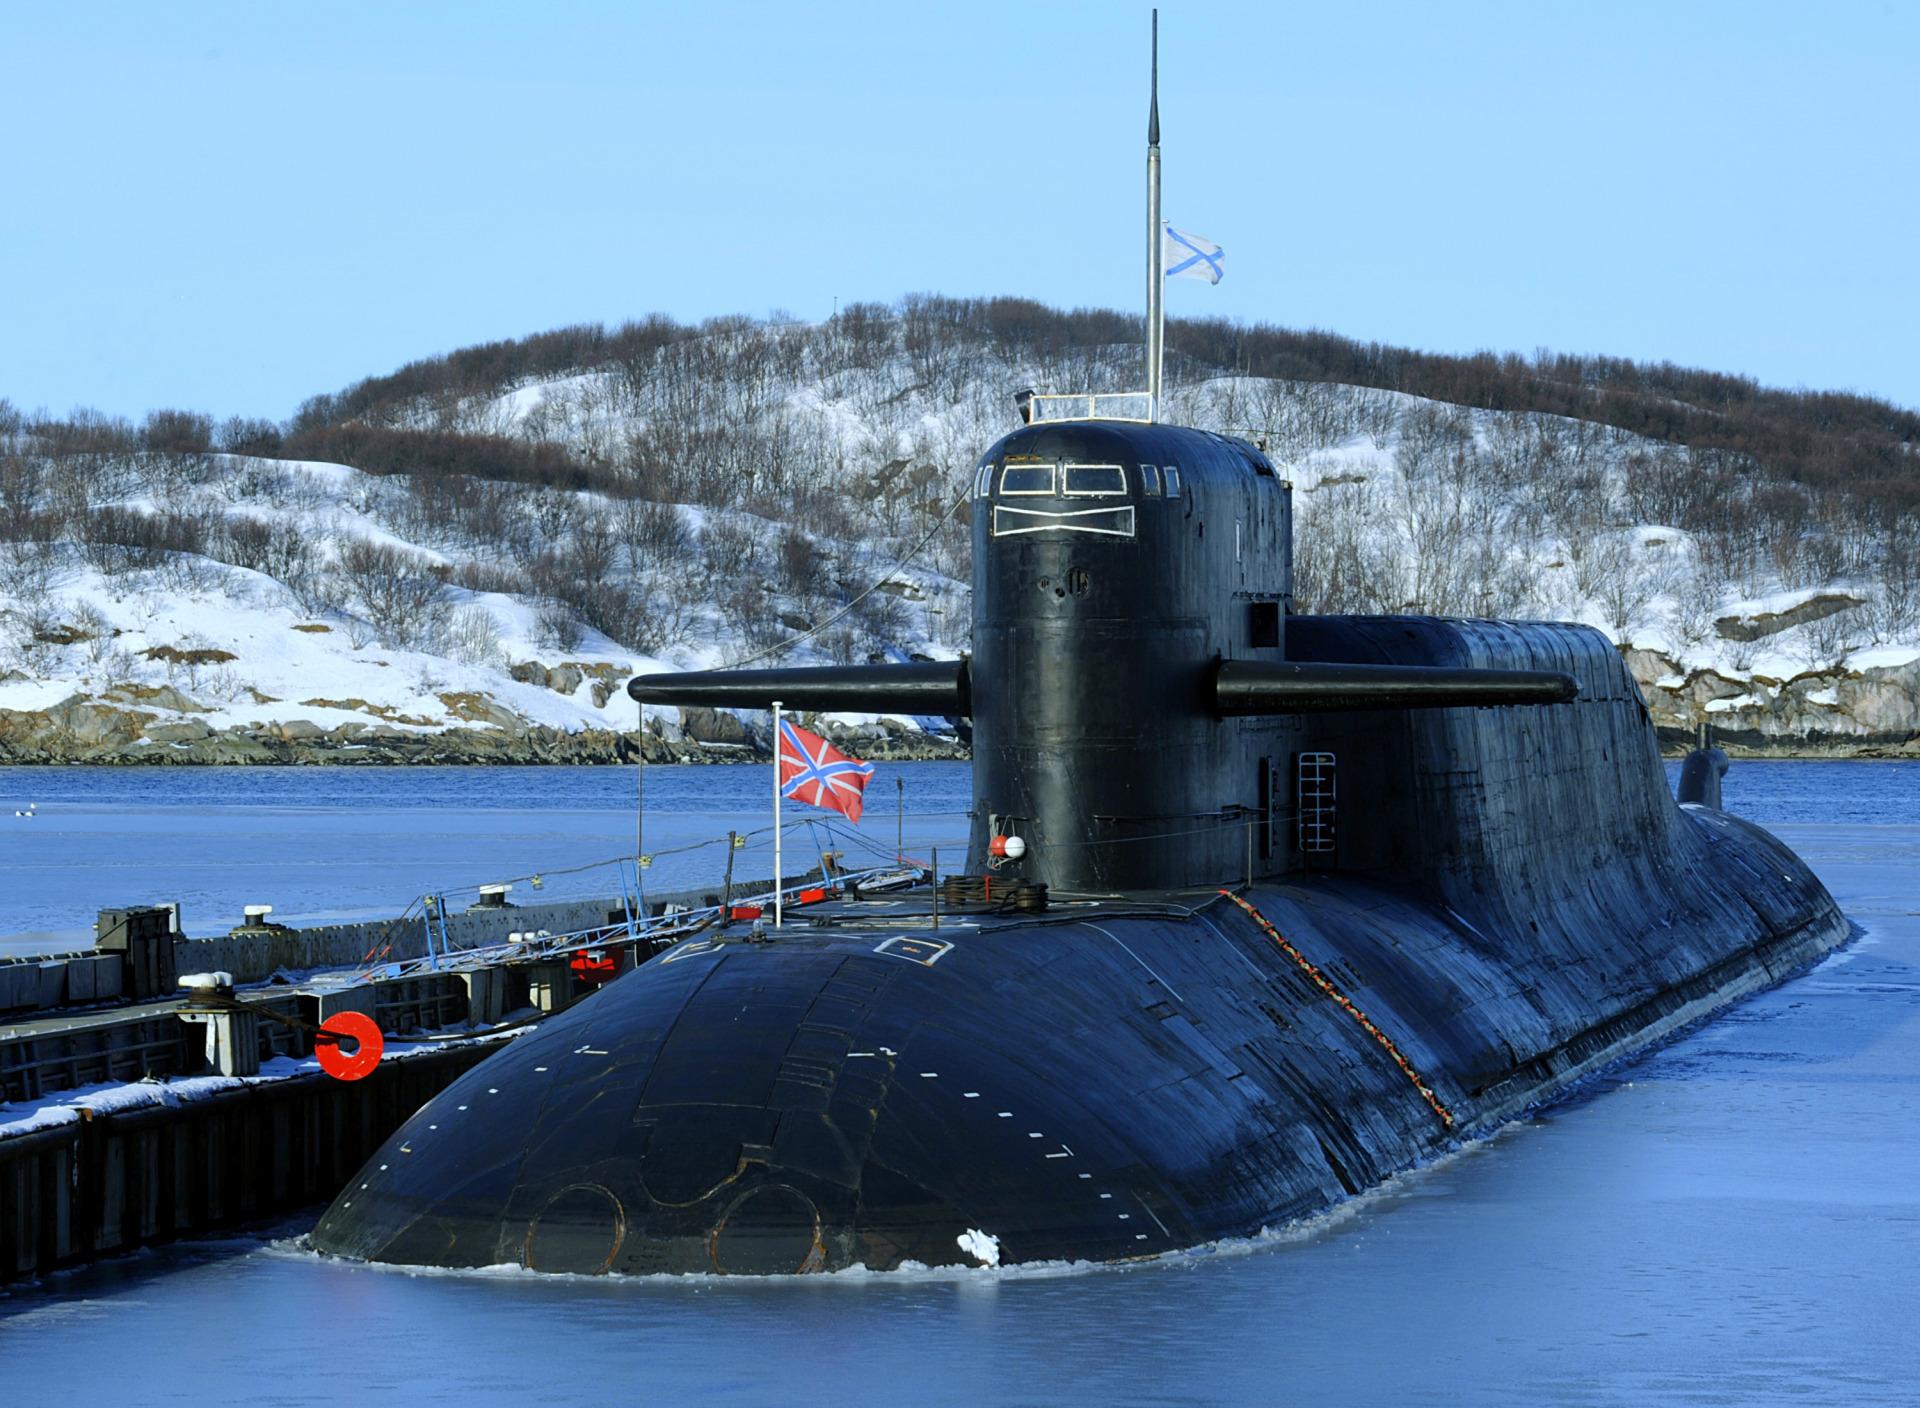 западных картинка атомный подводный крейсер близкому человеку, другу